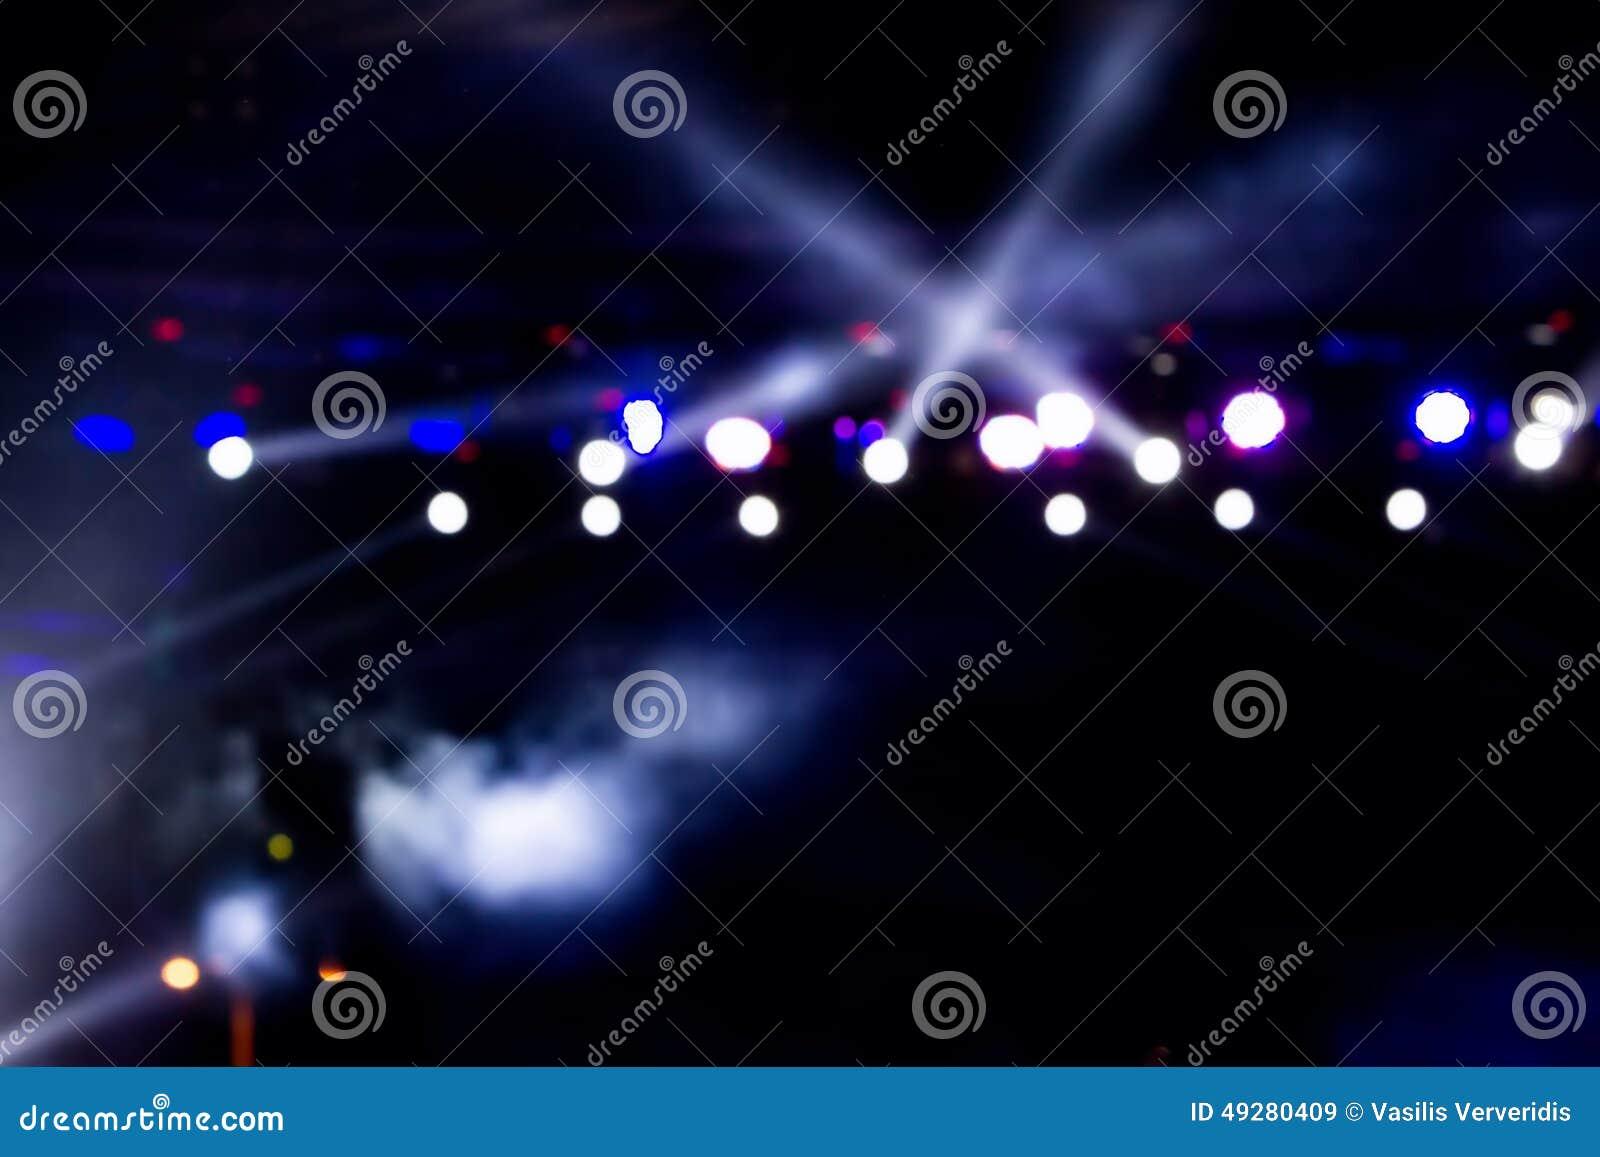 Concerto Defocused di spettacolo che si accende in scena, bokeh